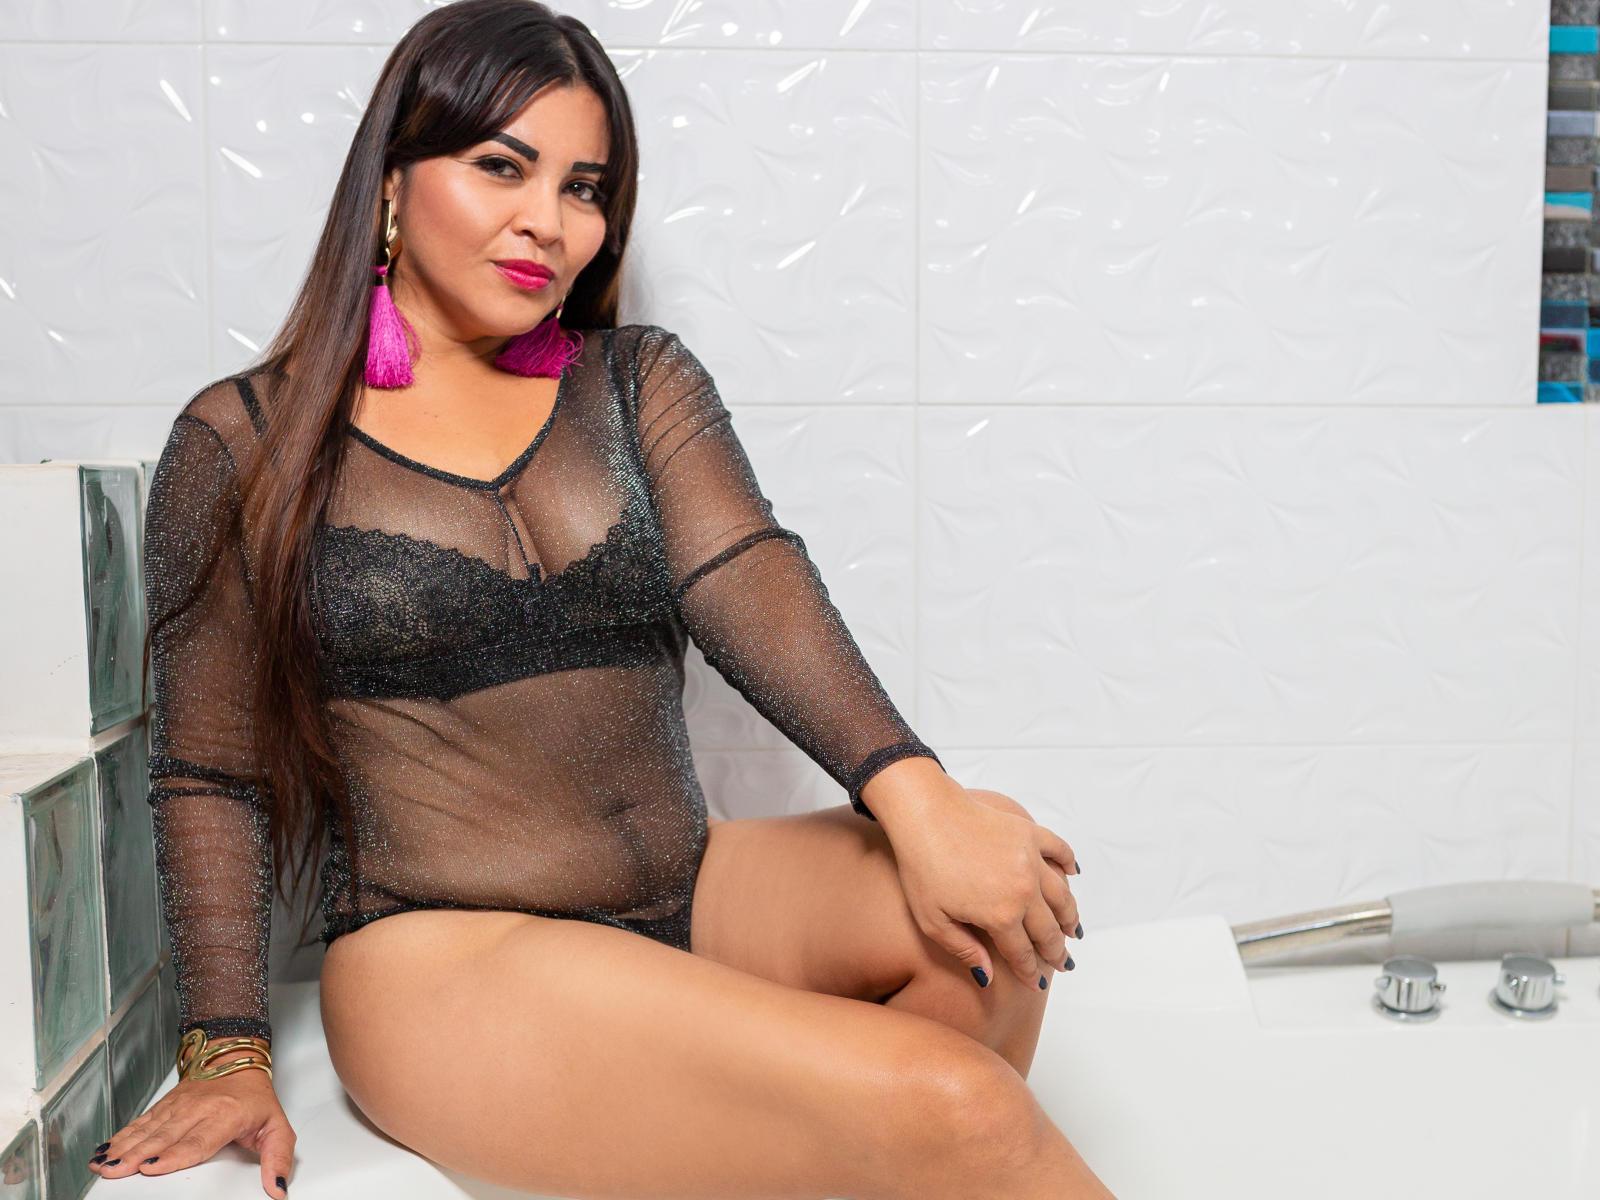 κοντινό πλάνο πρωκτικό σεξ Ιράν πορνό κανάλι